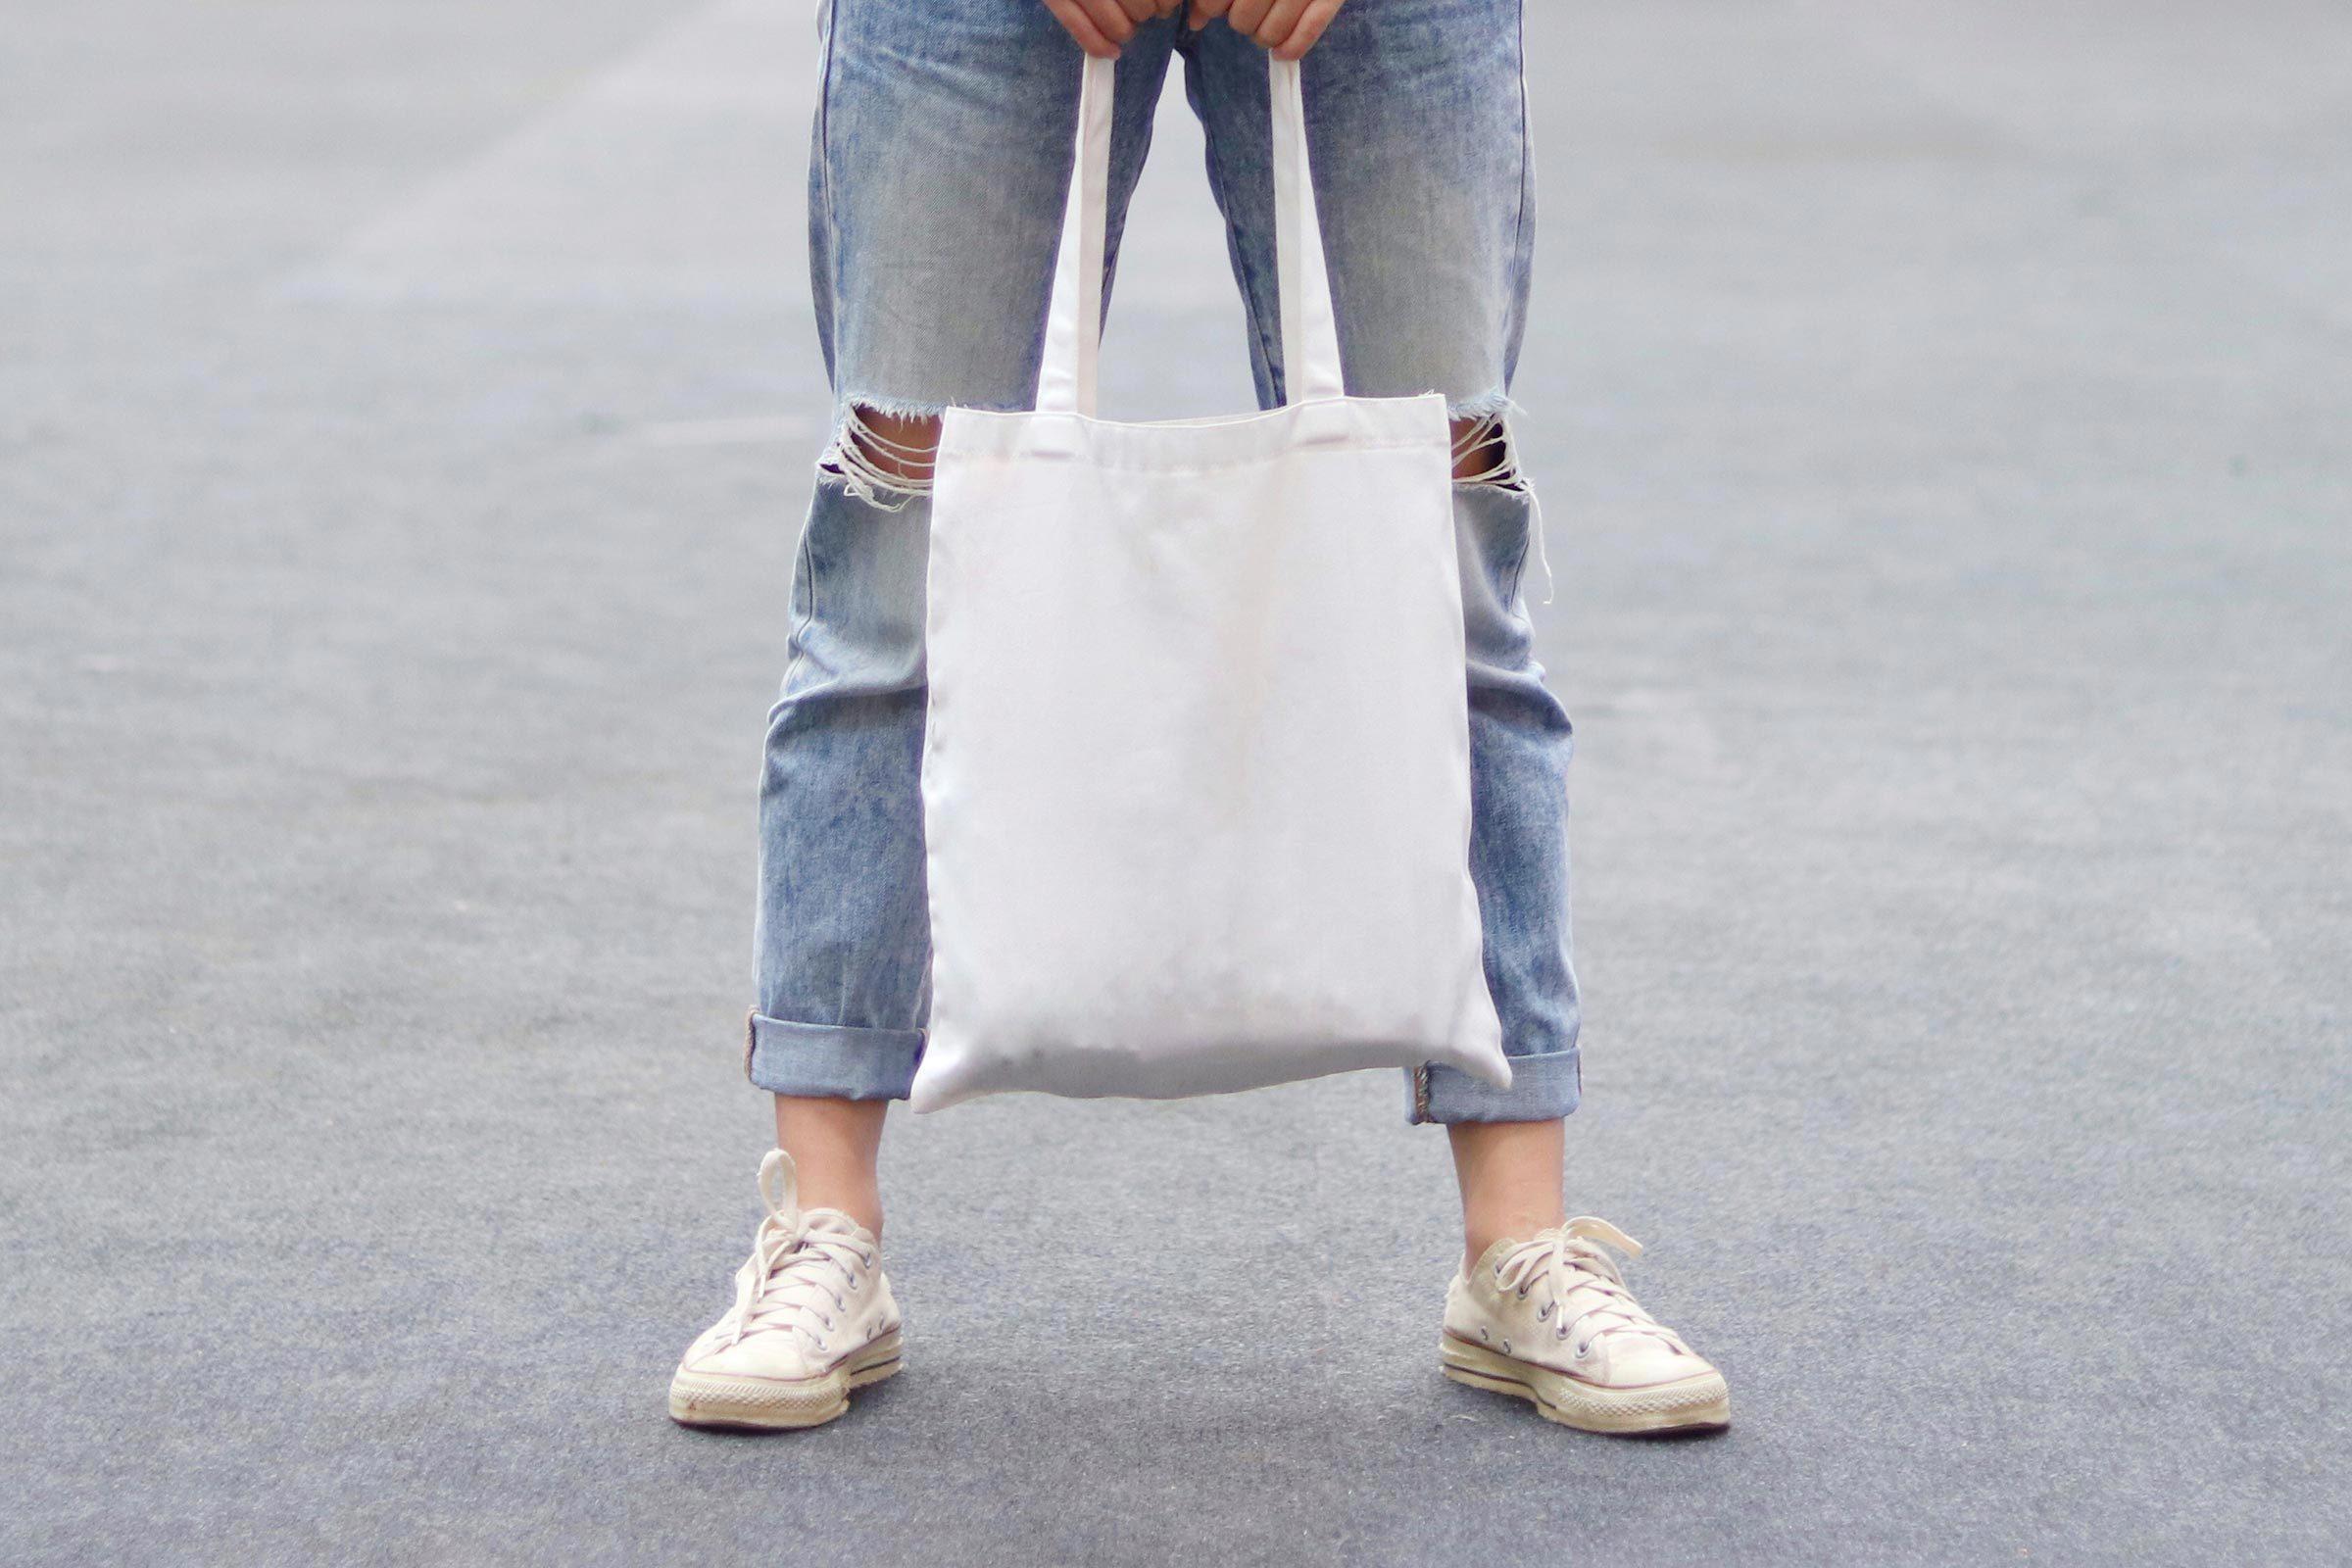 Utilisation du papier : les sacs réutilisables peuvent sauver des millions d'arbres.